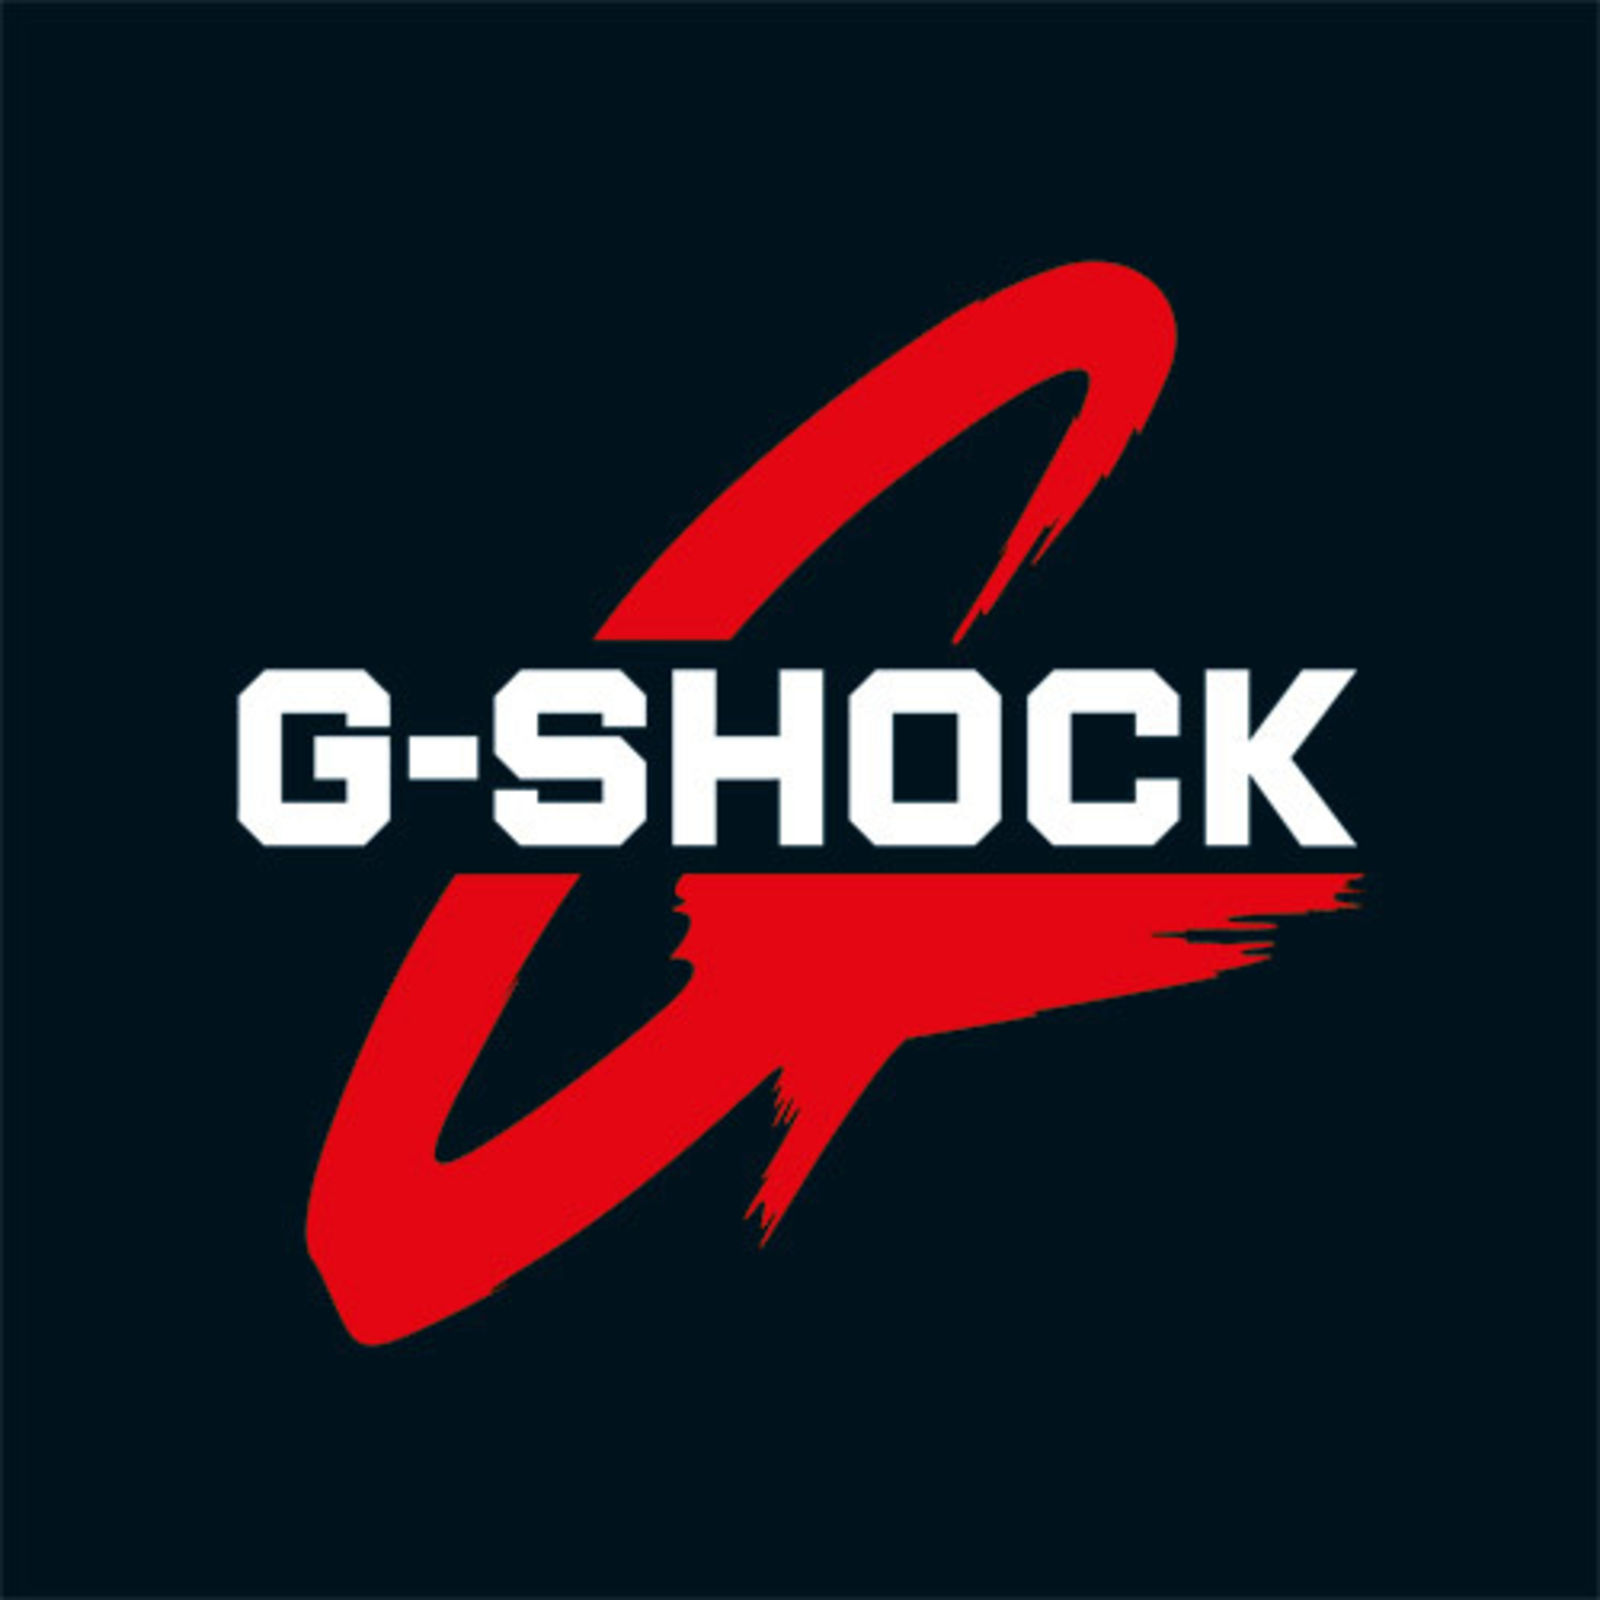 G-SHOCK (Bild 1)